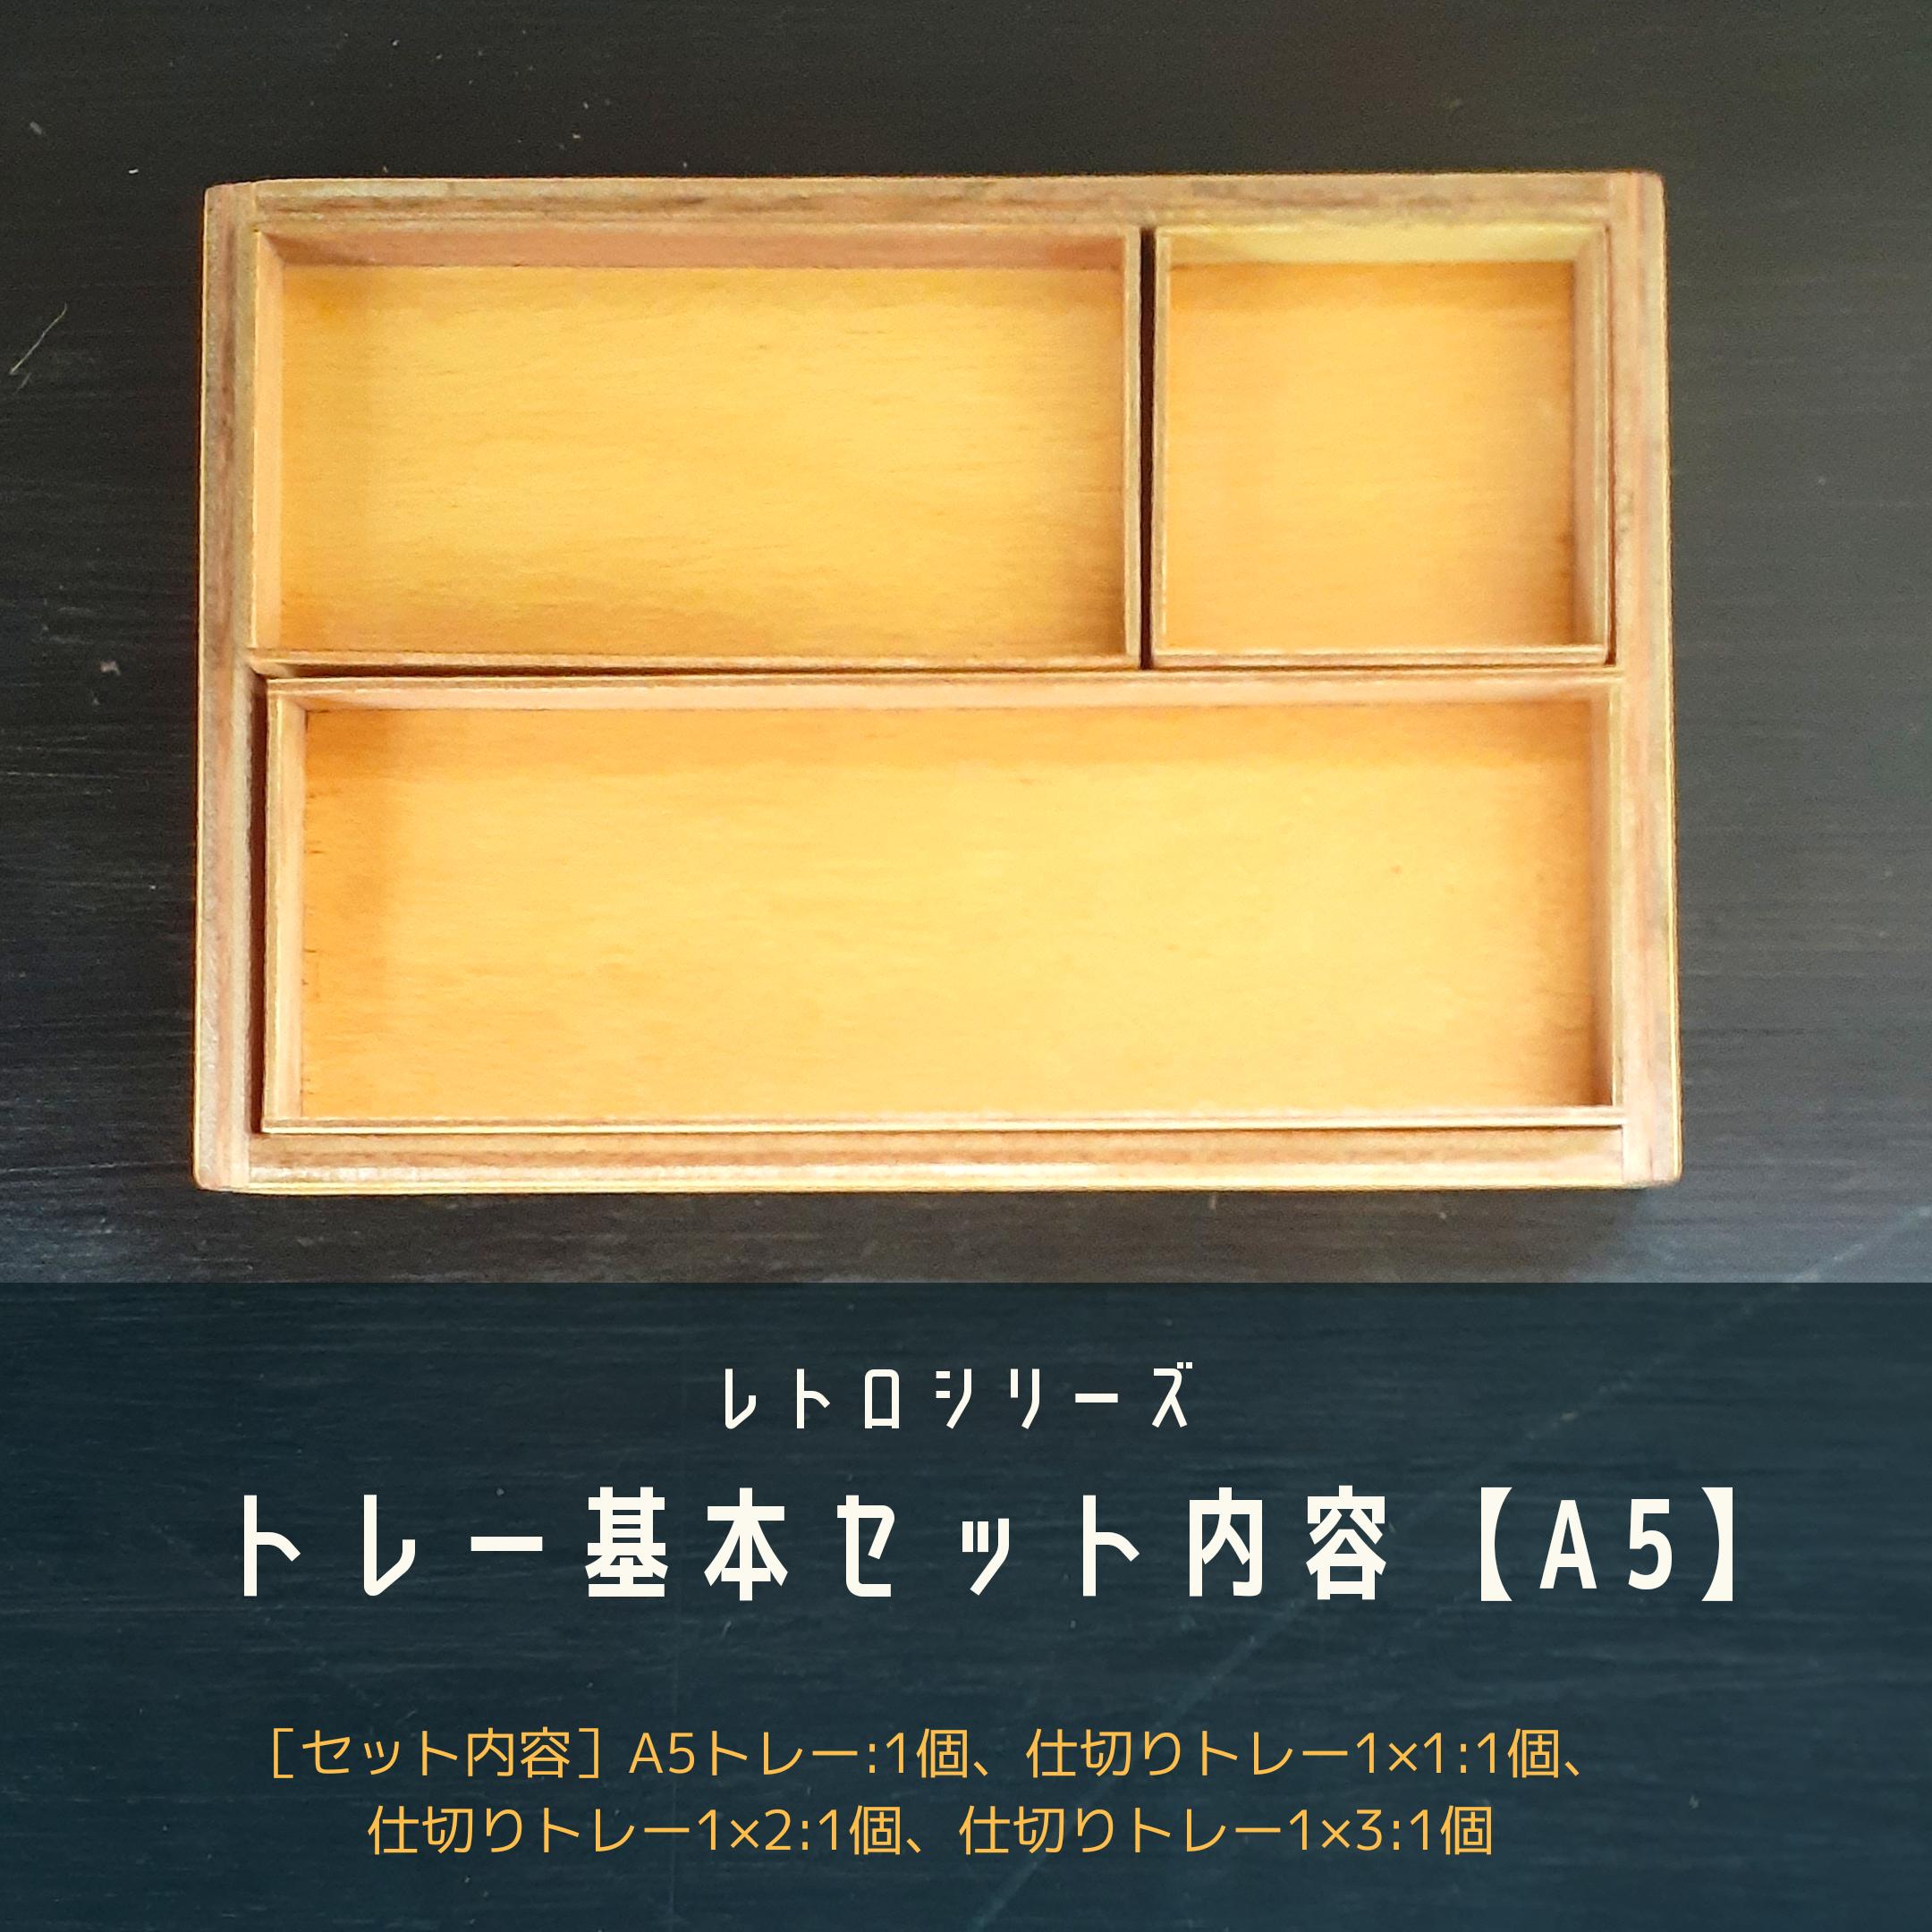 トレー基本セット【A5】:レトロシリーズ